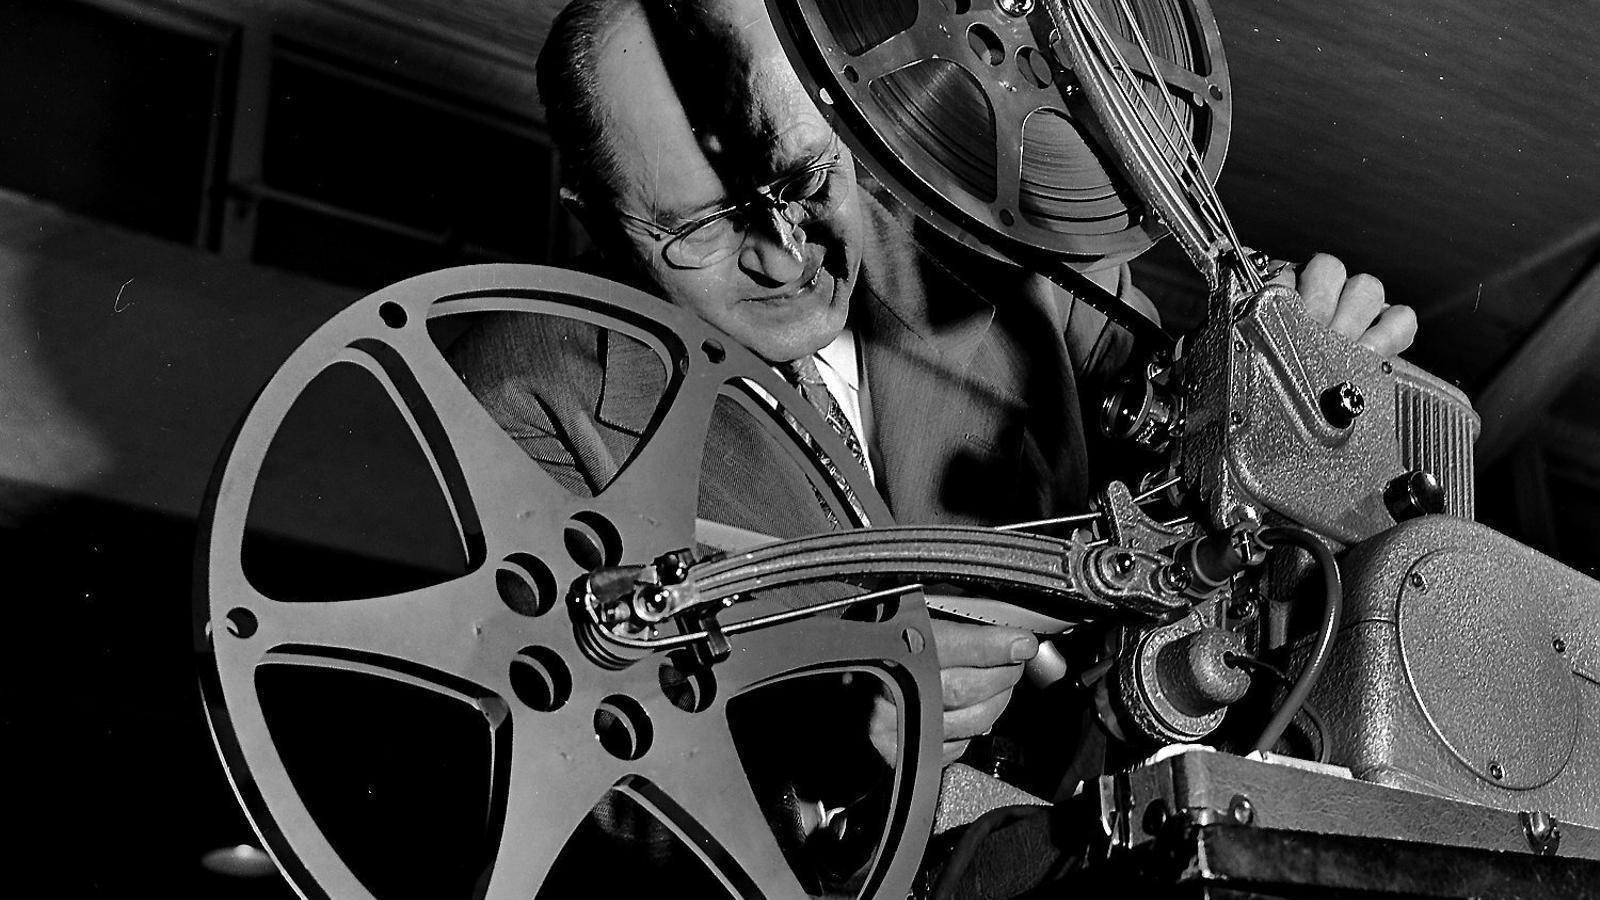 """""""De jove anava al Cinerama Waldorf, que ja va tancar. Allà hi vaig veure El desafío de las águilas. T'agraden les pel·lícules de nazis?"""""""